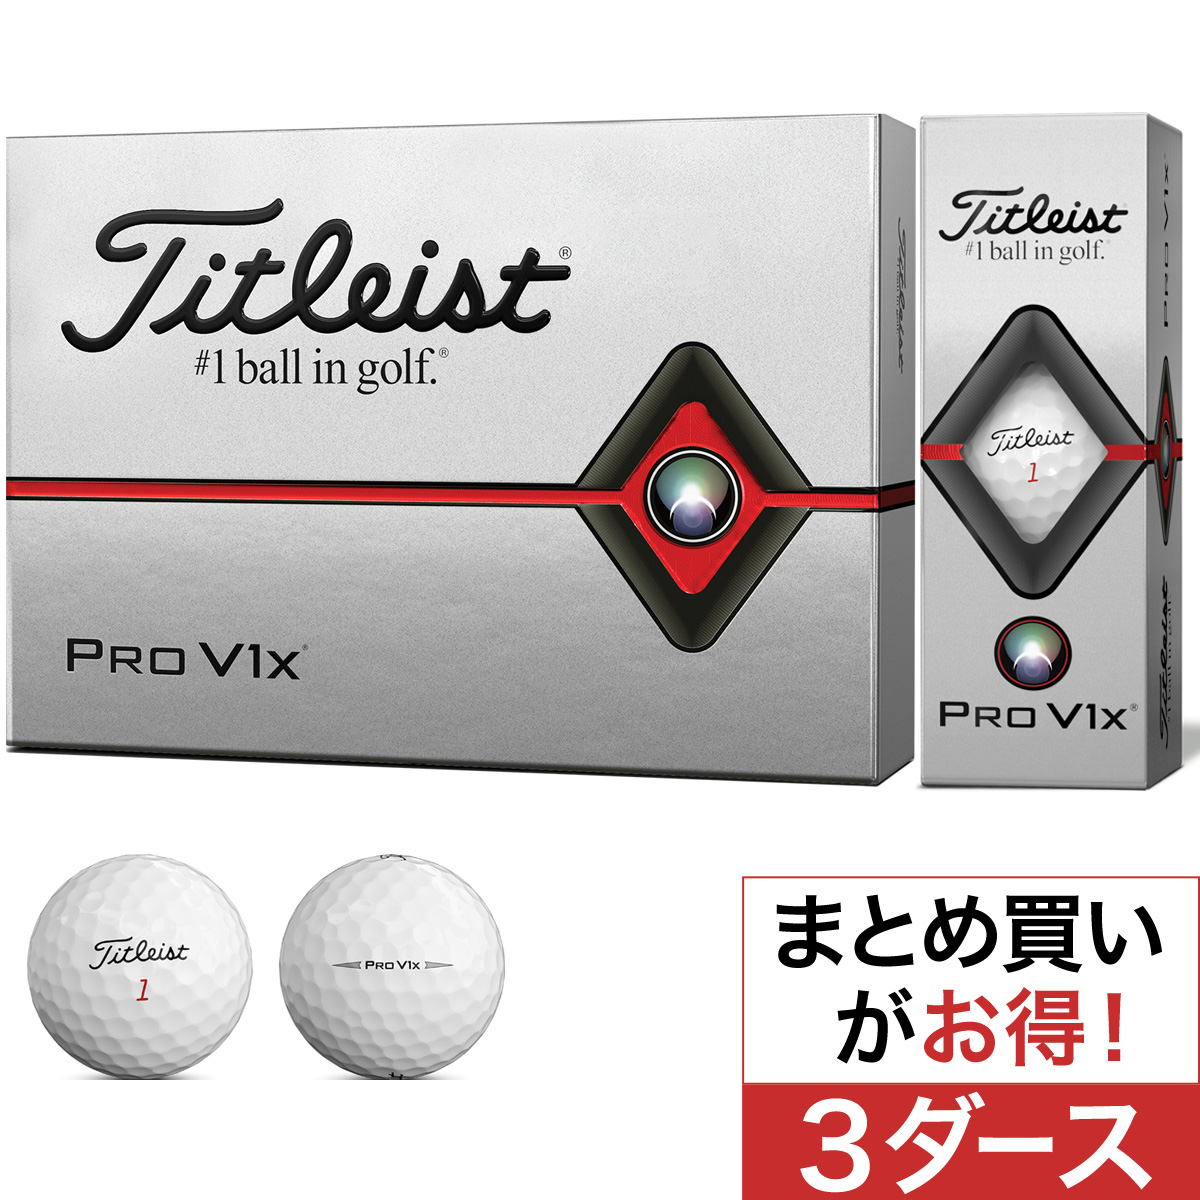 PRO V1X ボール 3ダースセット【オンネームサービス有り】